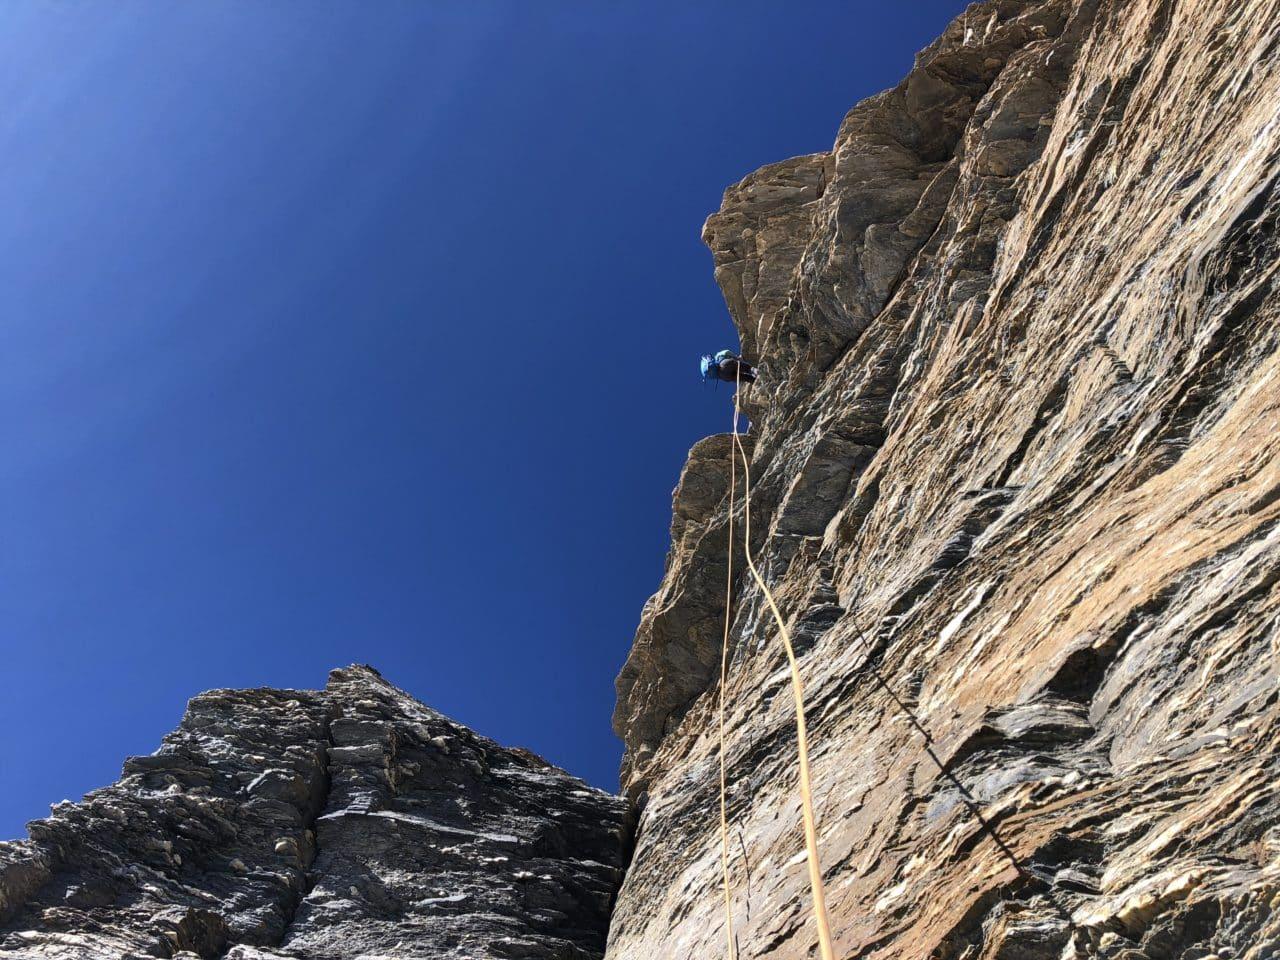 Traversée intégrale des Combins avec le guide de montagne Yann Nussbaumer d'Helyum